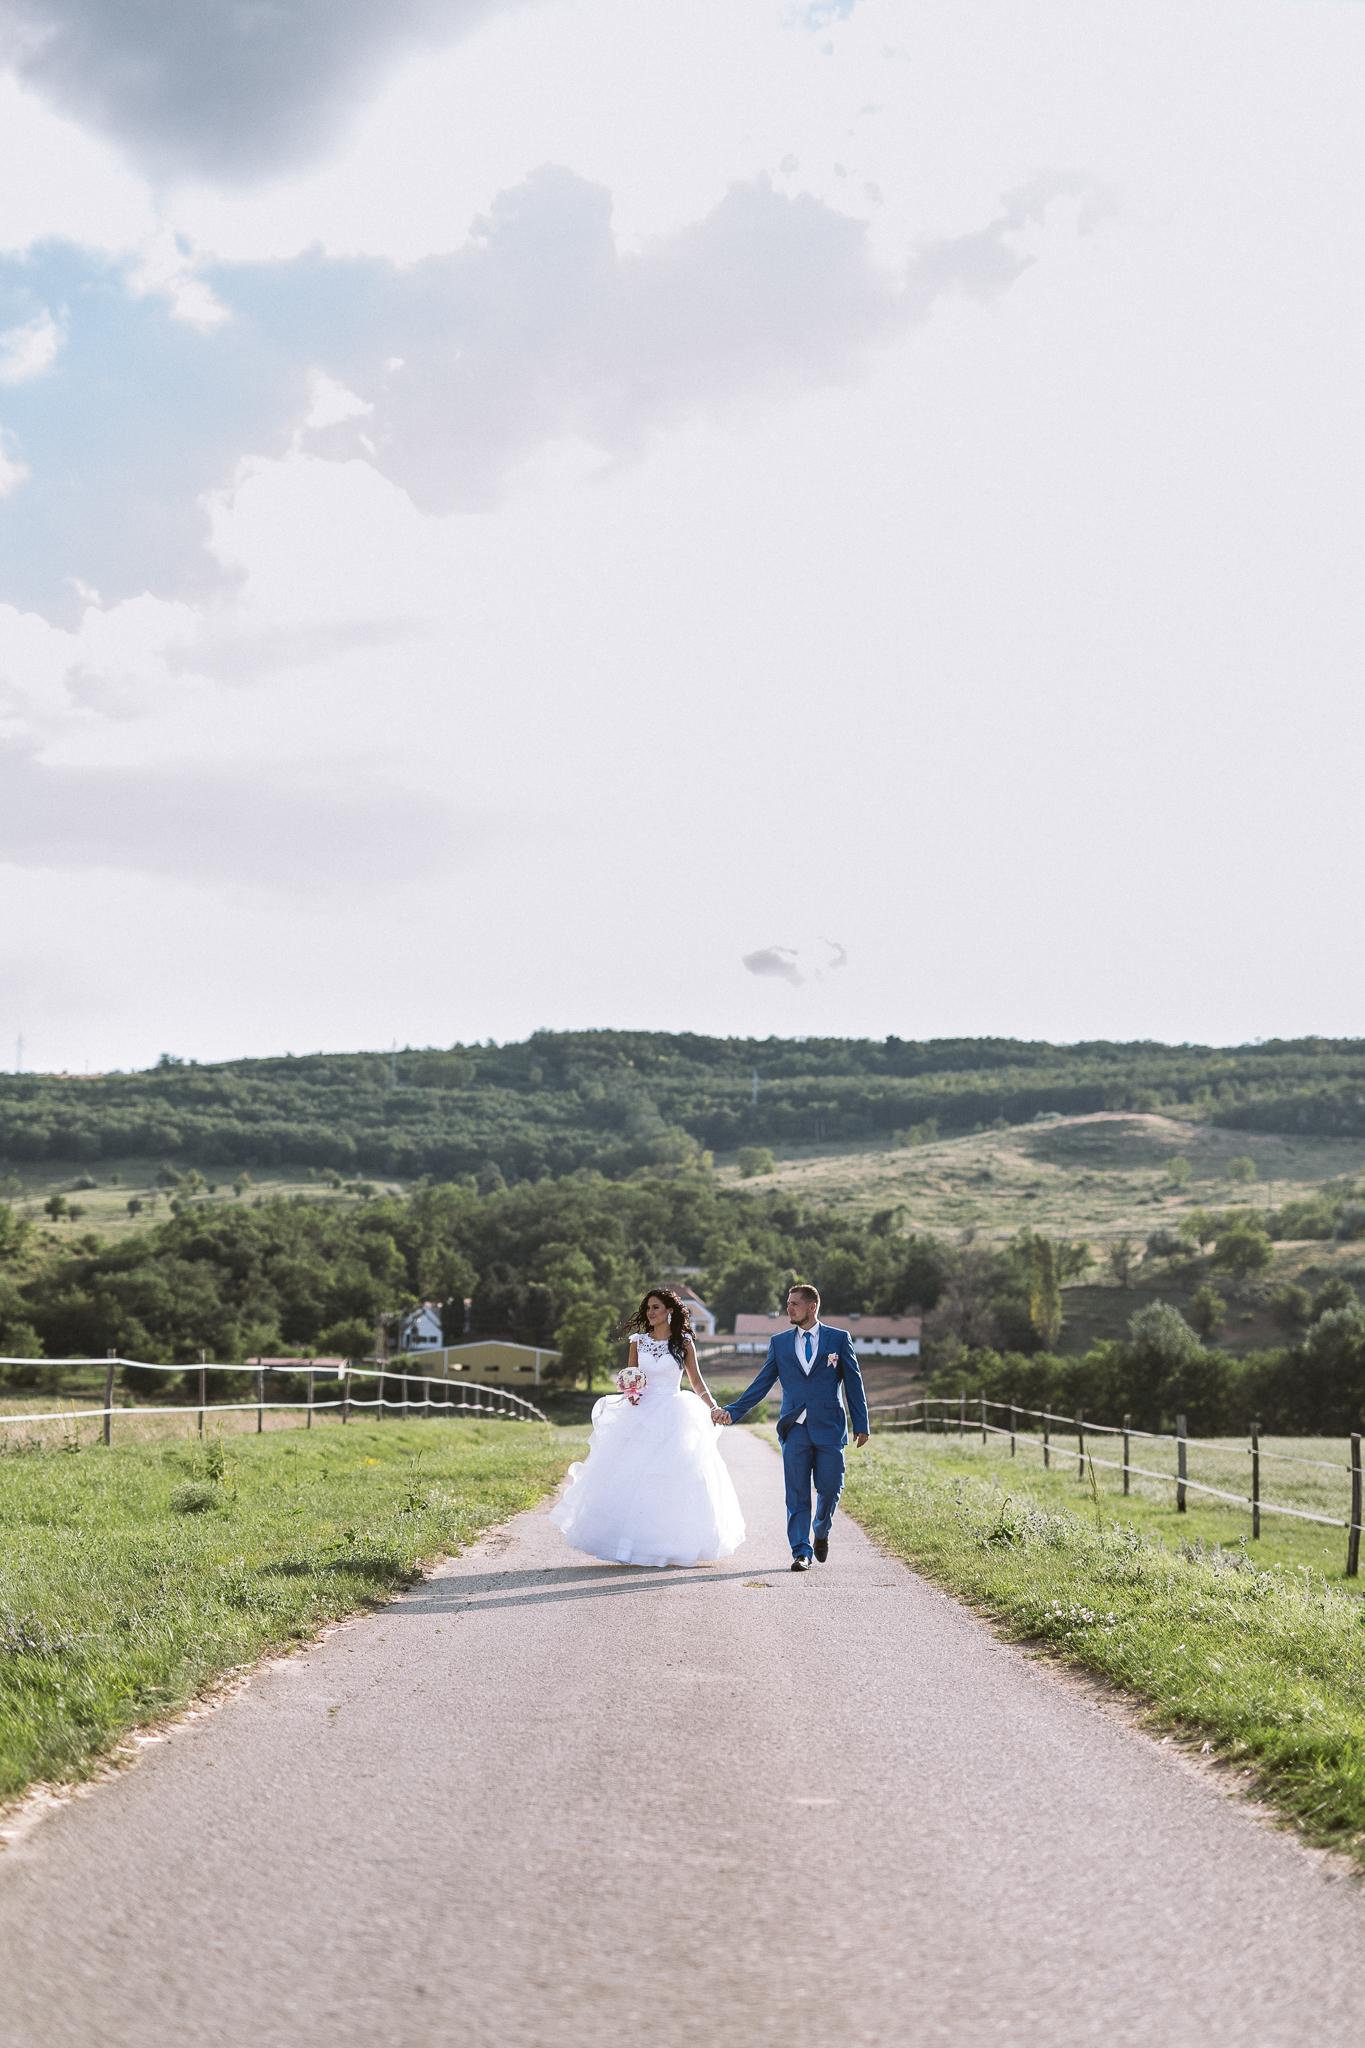 FylepPhoto, esküvőfotózás, magyarország, esküvői fotós, vasmegye, prémium, jegyesfotózás, Fülöp Péter, körmend, kreatív 11.jpg